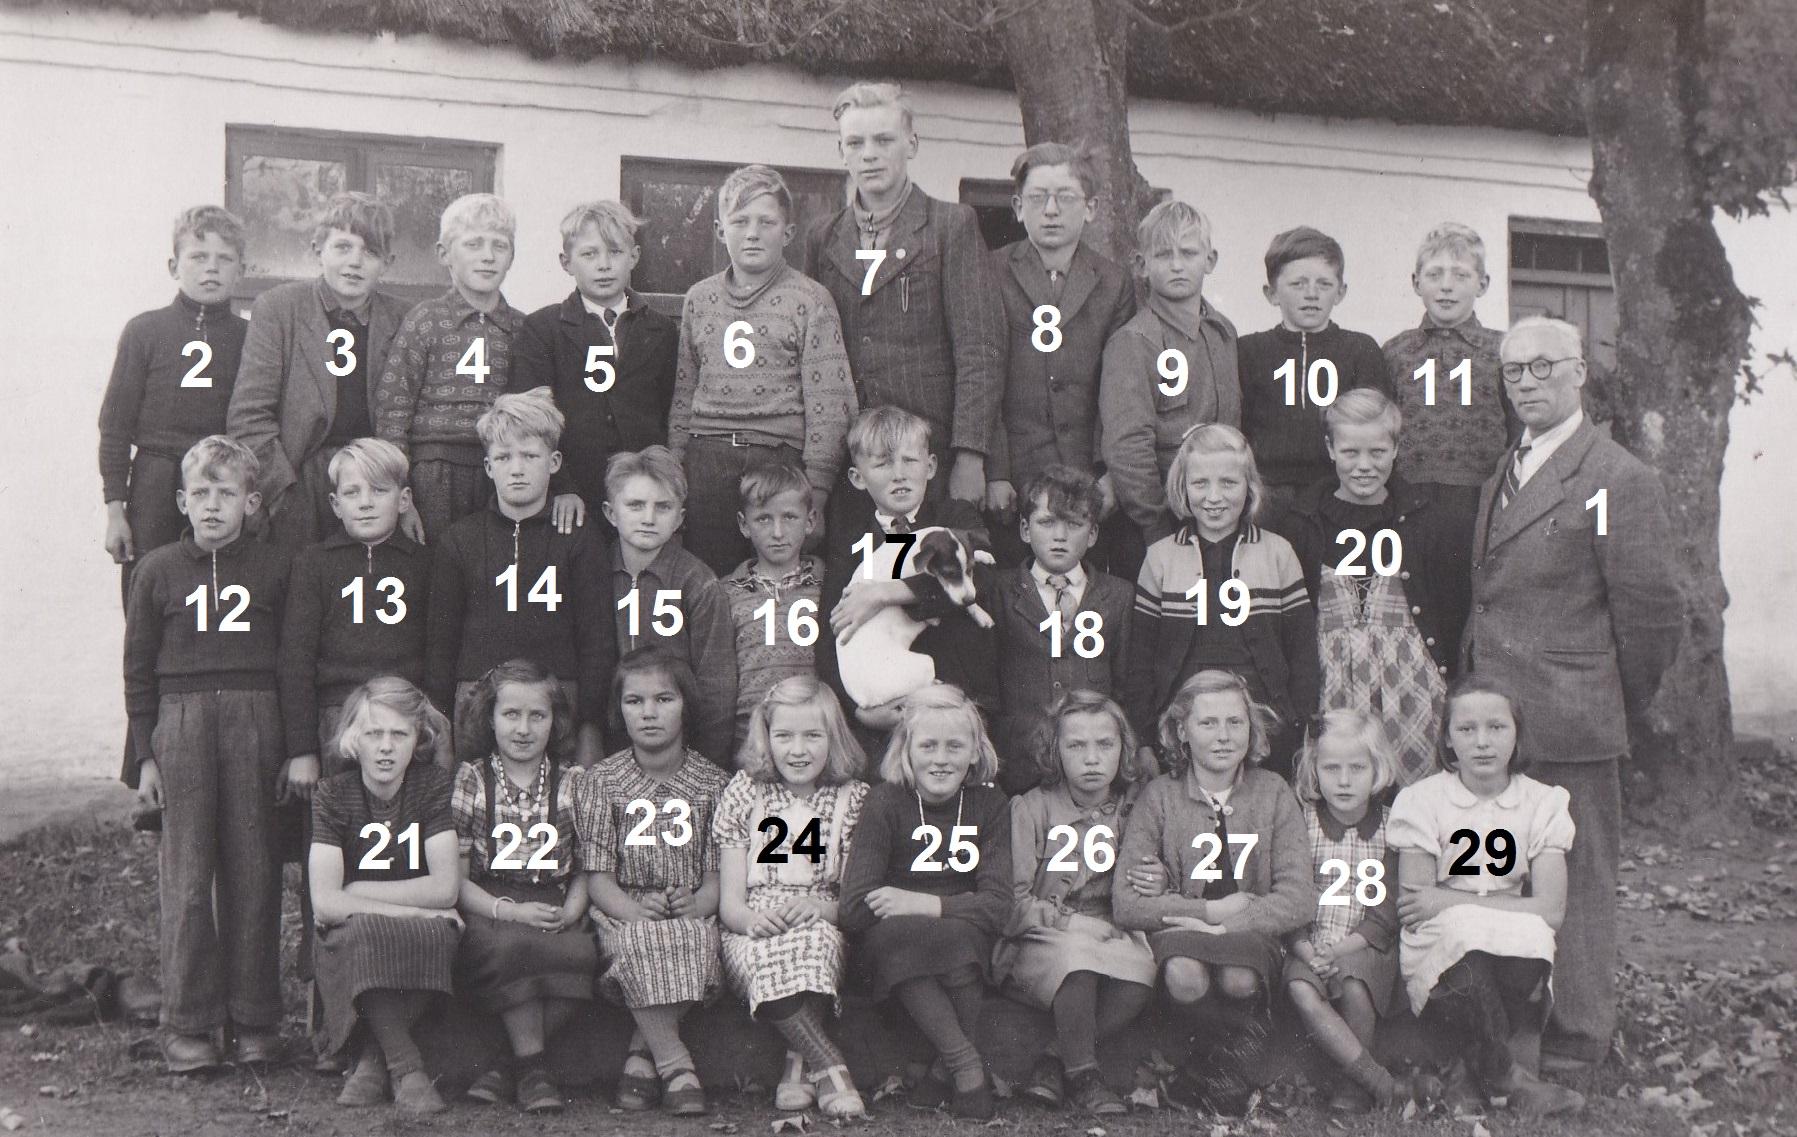 Vind Skole, slutningen af 1940'erne.